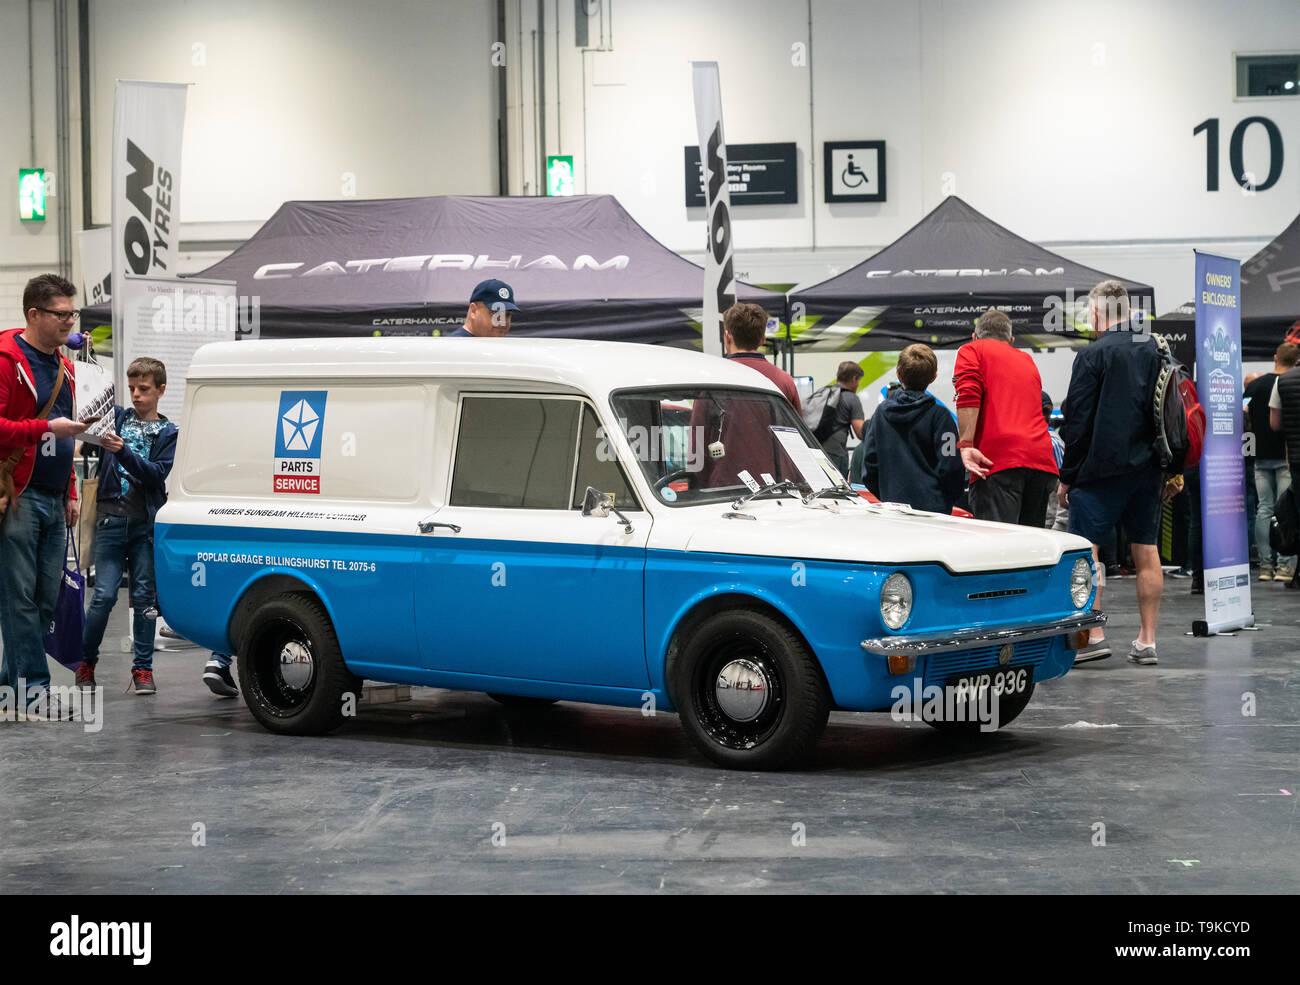 18th May 2019. London, UK. Classic restored Hilman Imp Van displayed at London Motor Show 2019. - Stock Image